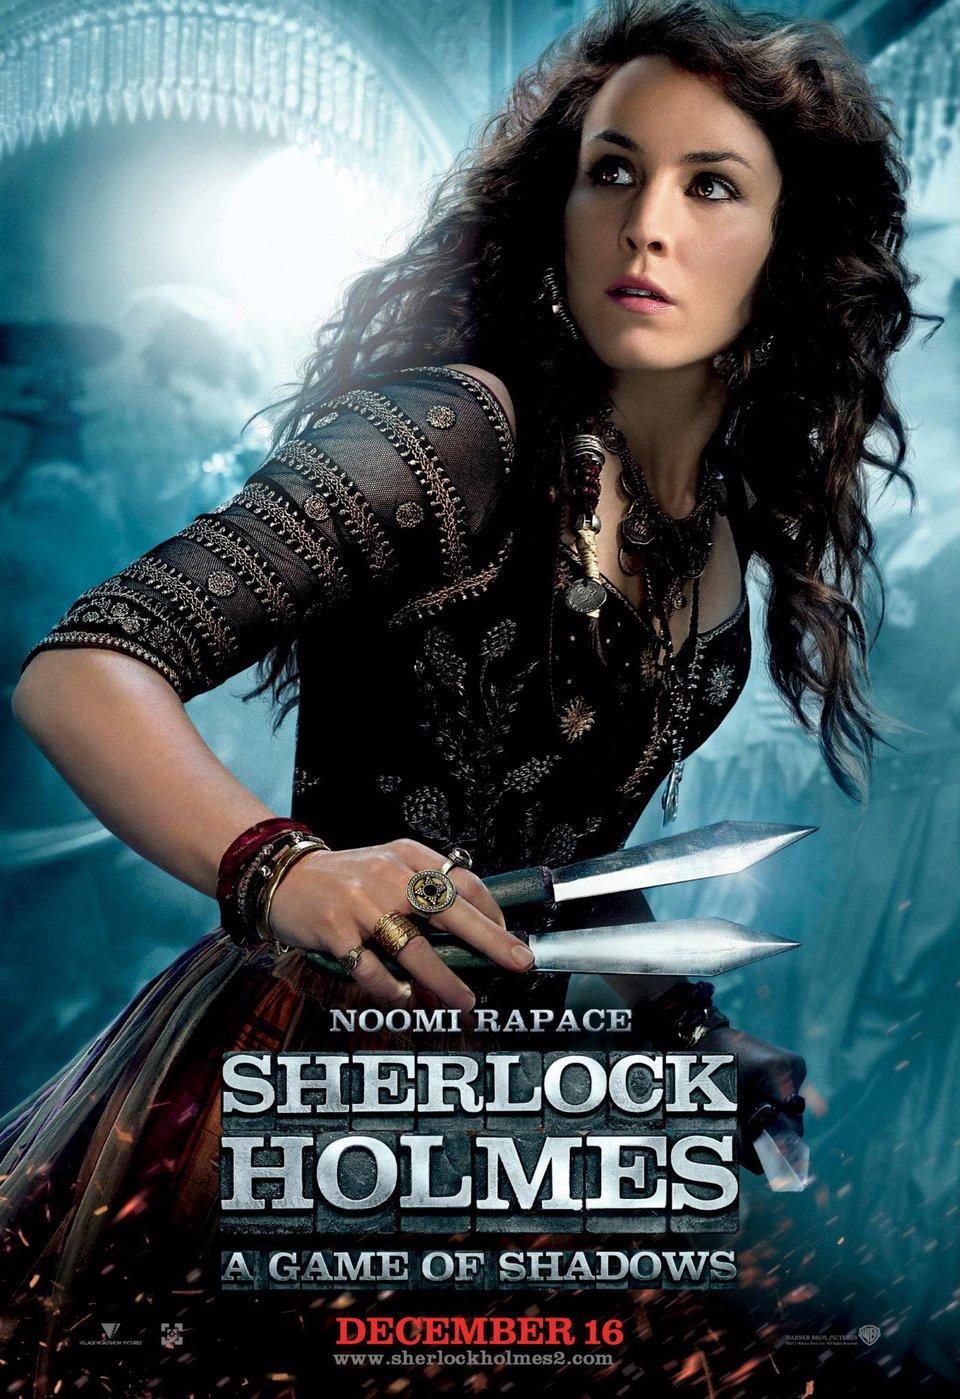 «Смотреть Фильм Шерлок Холмс 2 Игра Теней 2011 Онлайн» — 1993